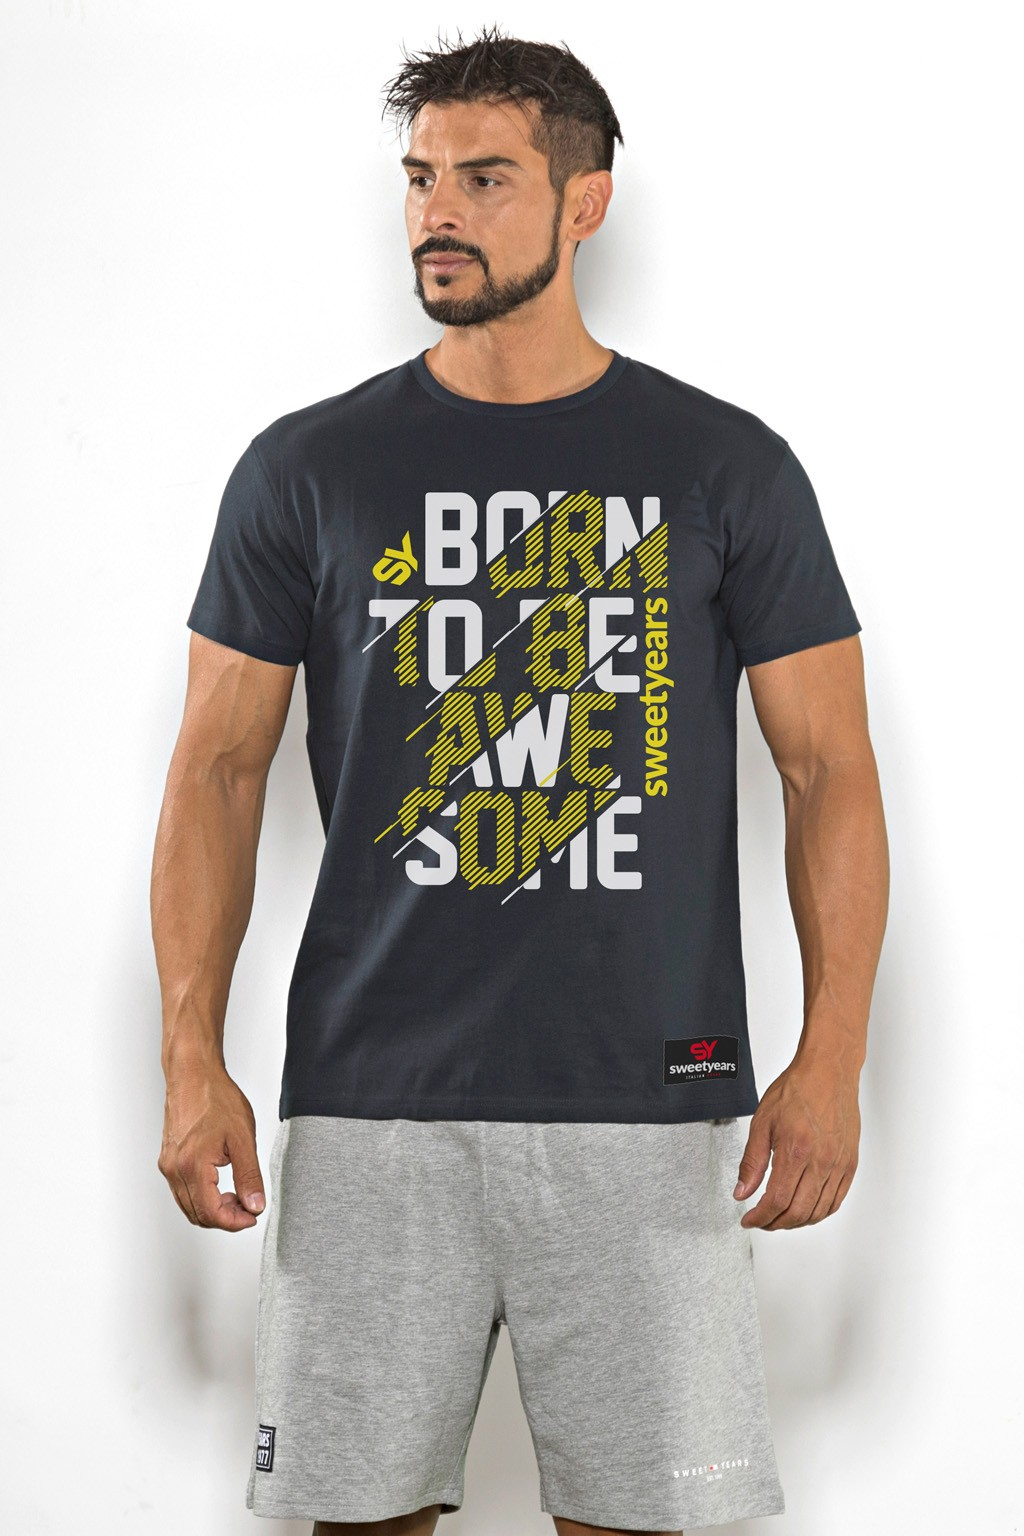 T-shirt uomo Sweet Years cotone tinta unita con stampa bicolore sul petto